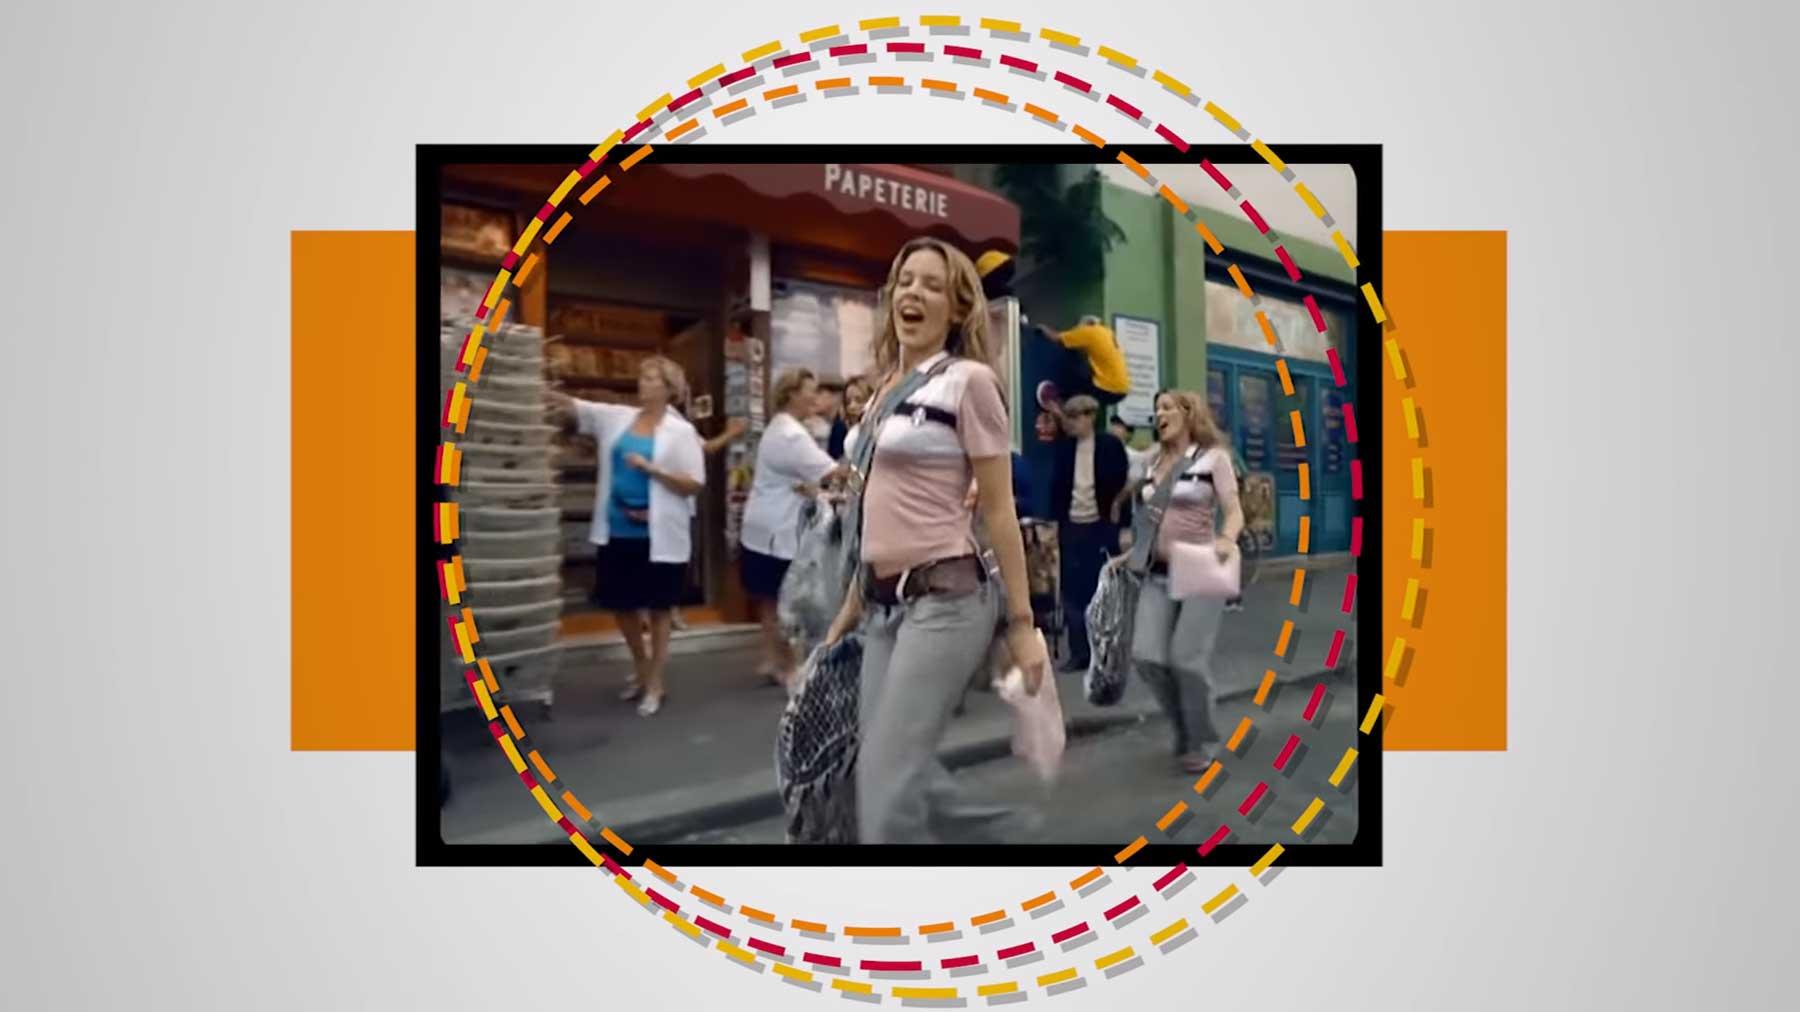 Über die genialen Musikvideos von Michel Gondry michel-gondry-musikvideos-video-essay